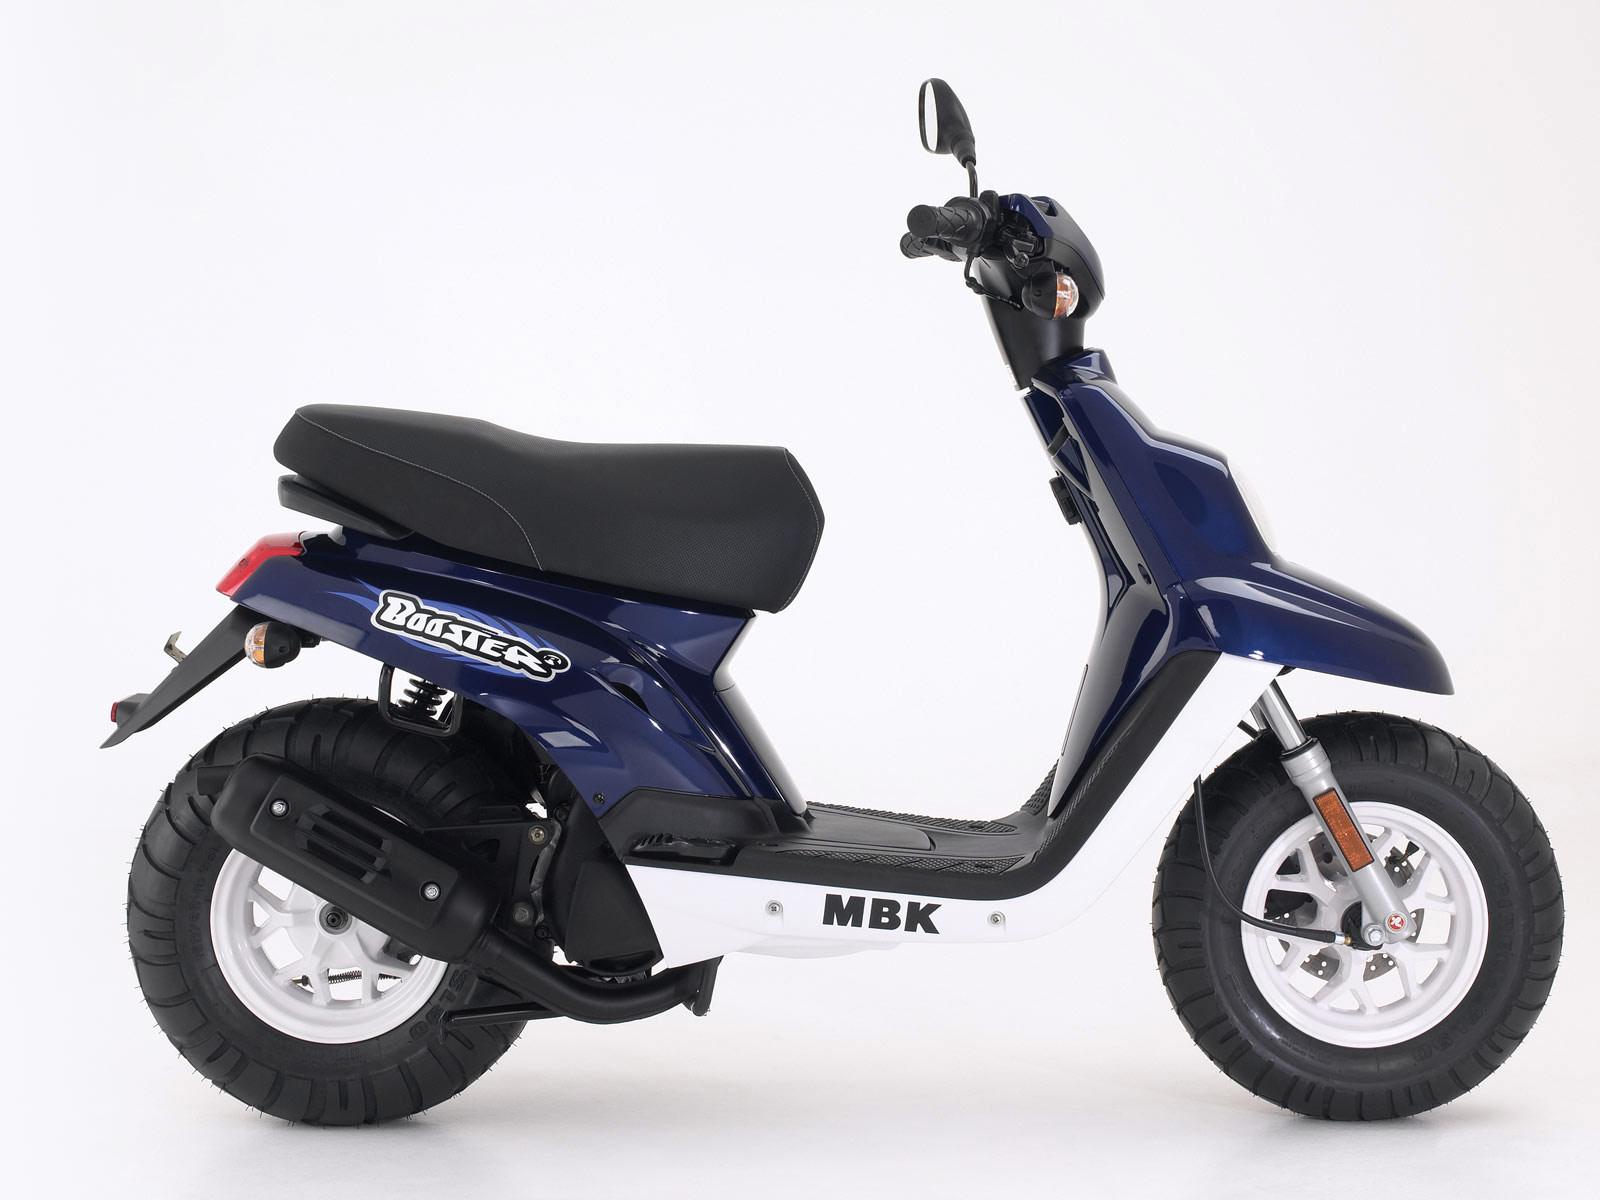 Mbk Roller